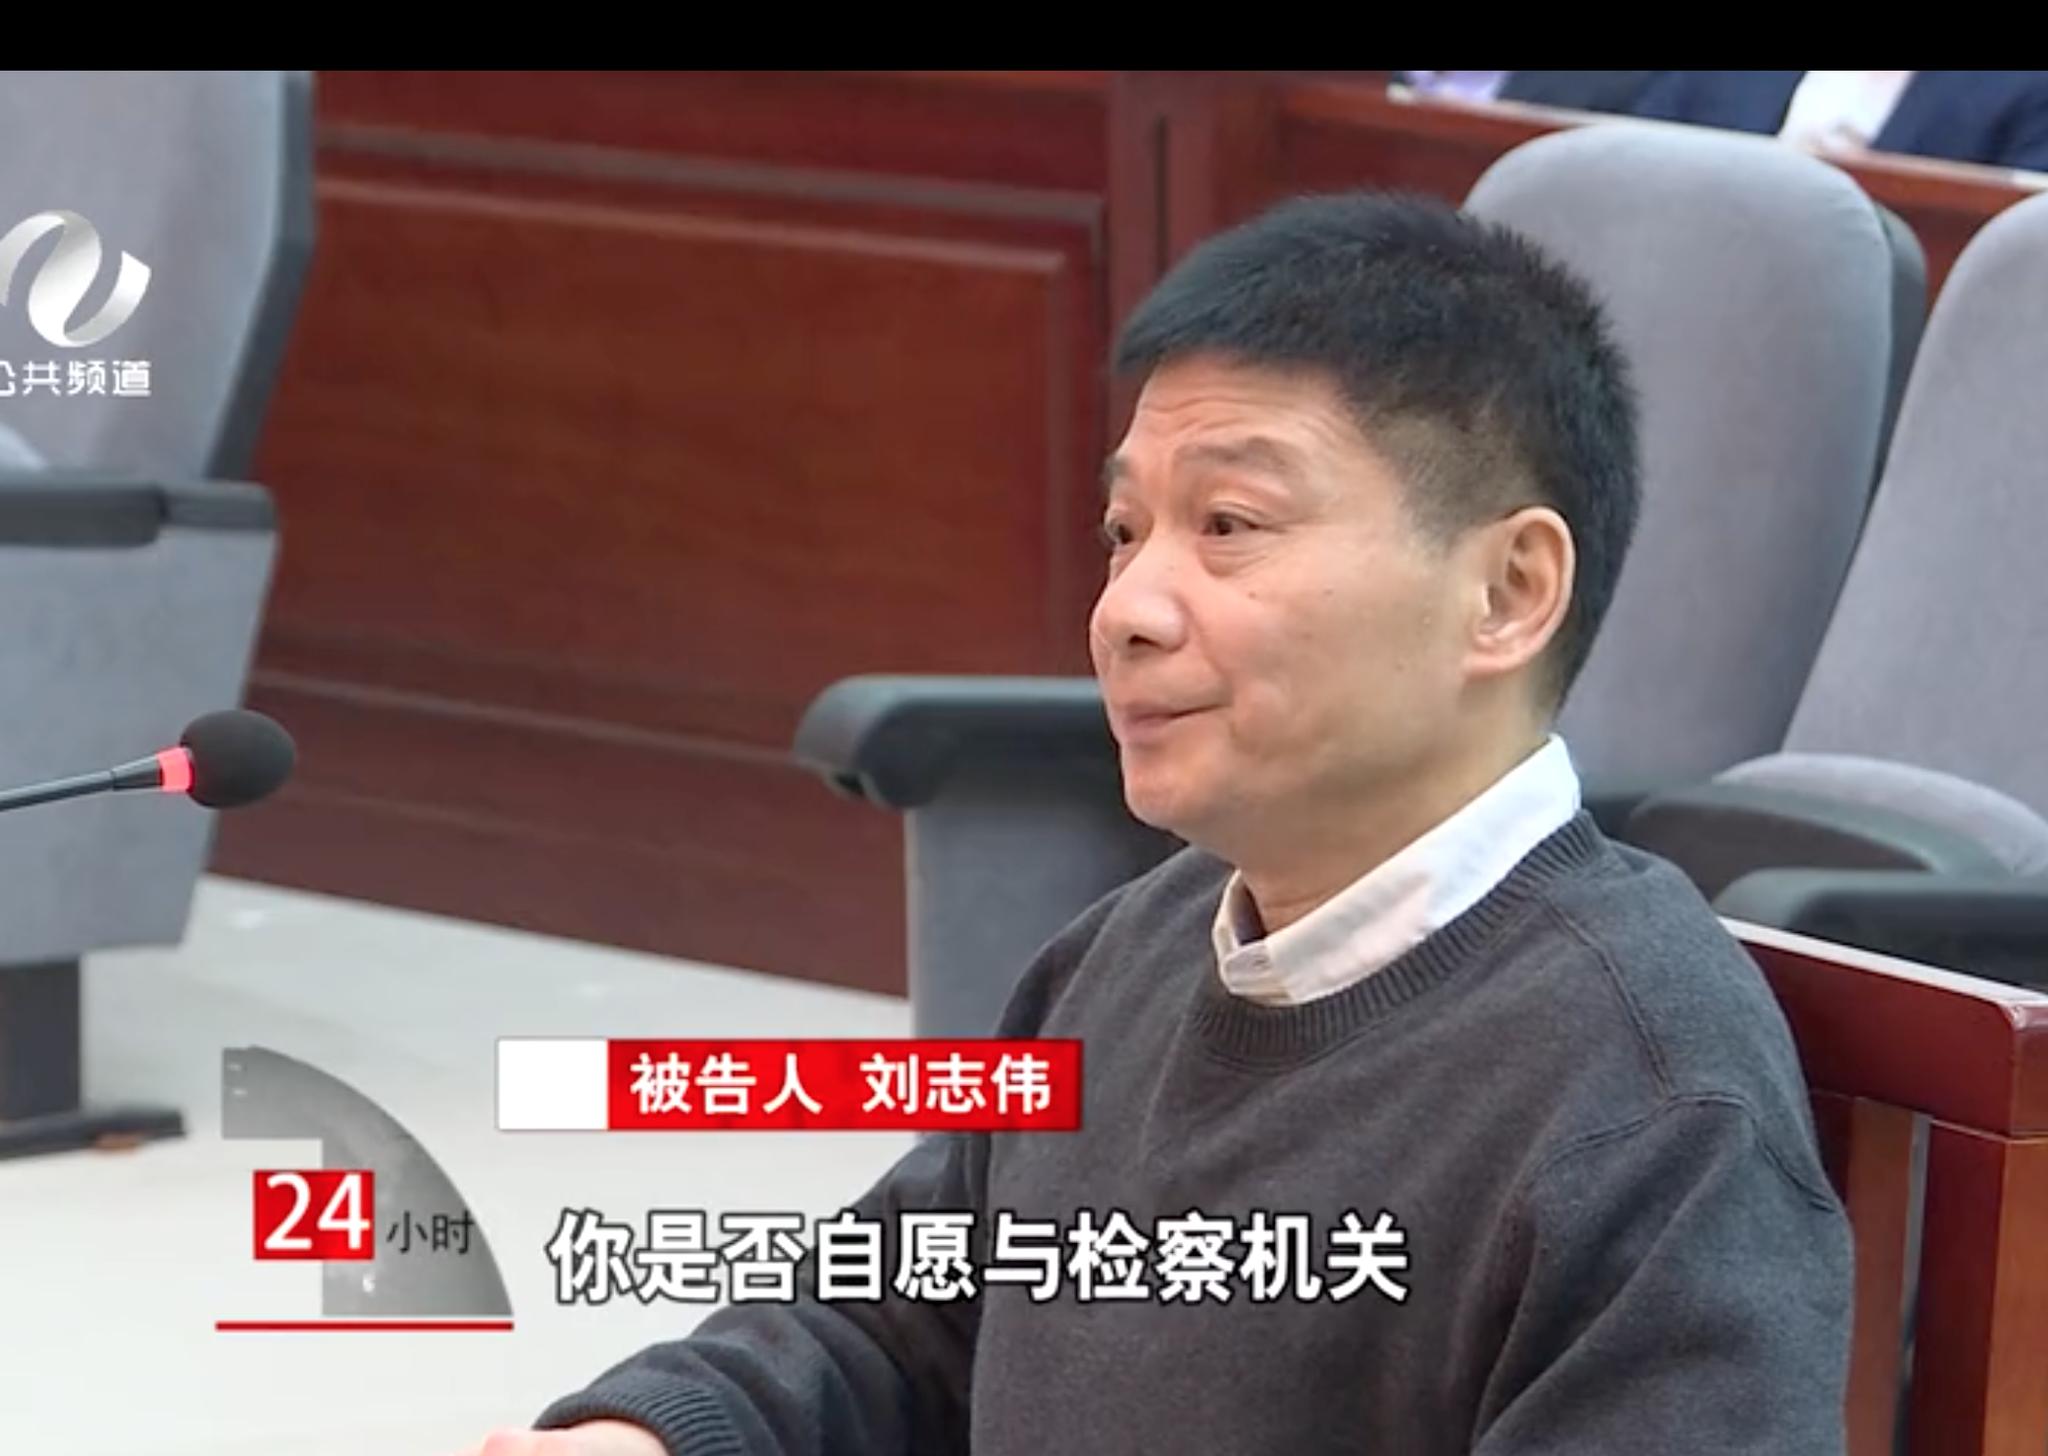 """郴州厅官刘志伟落马细节:曾为律师担任""""法律顾问""""并收财物图片"""